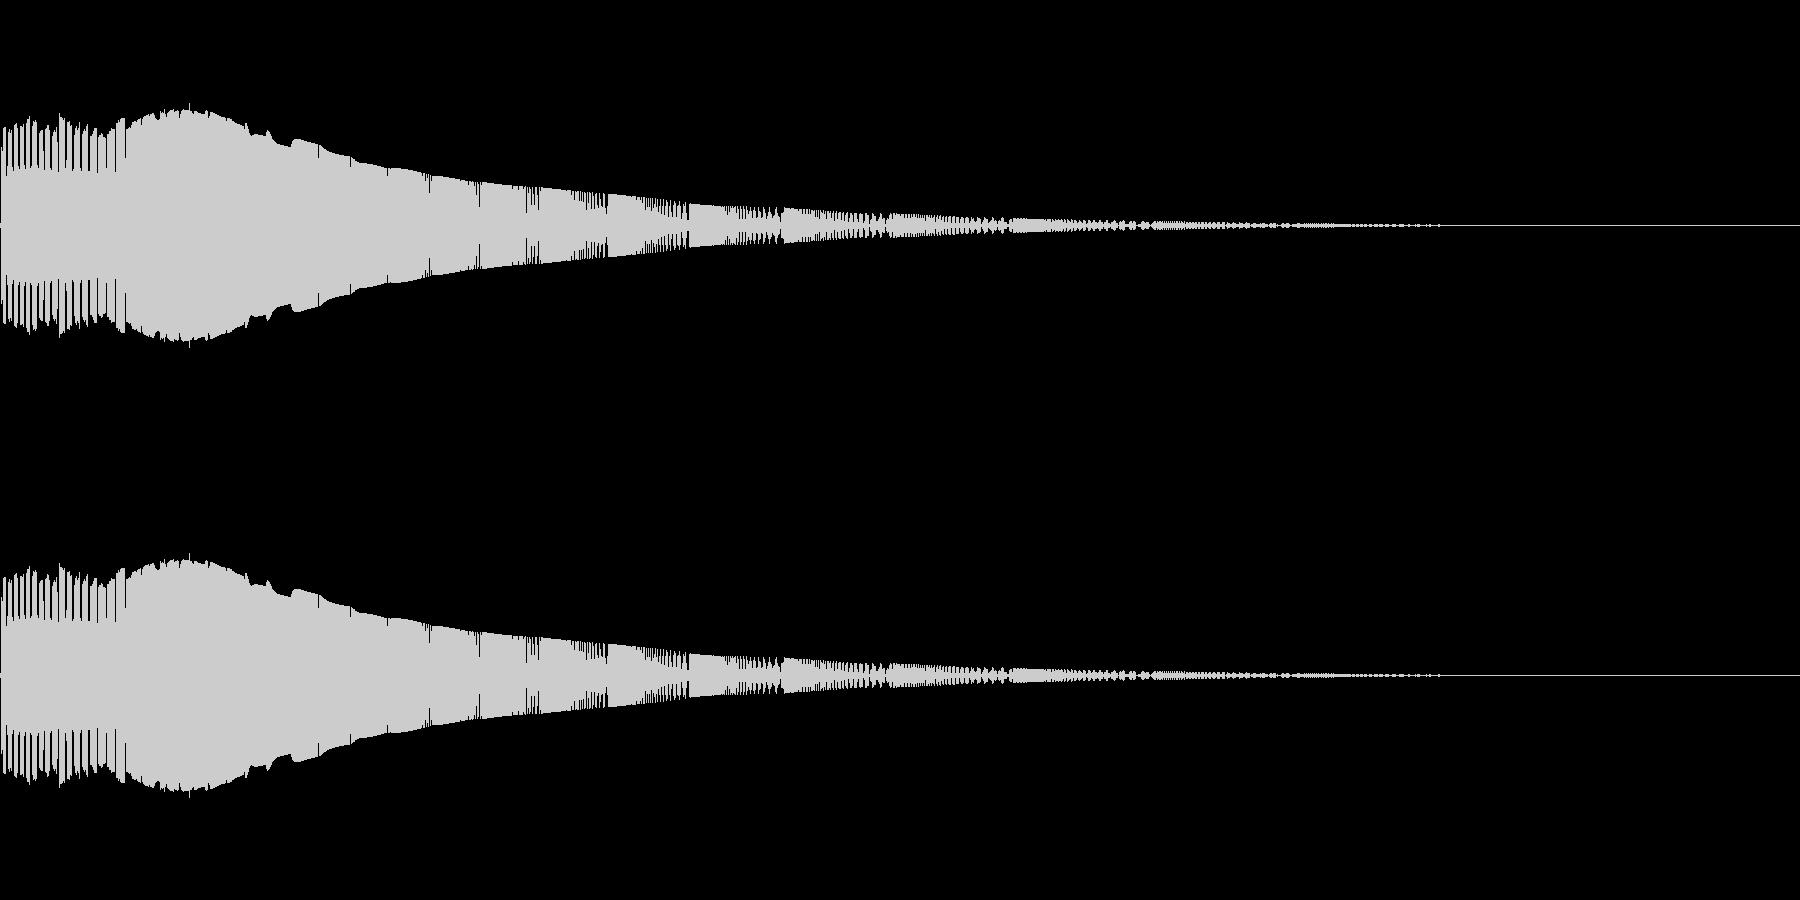 定番なシンセ効果音 1の未再生の波形